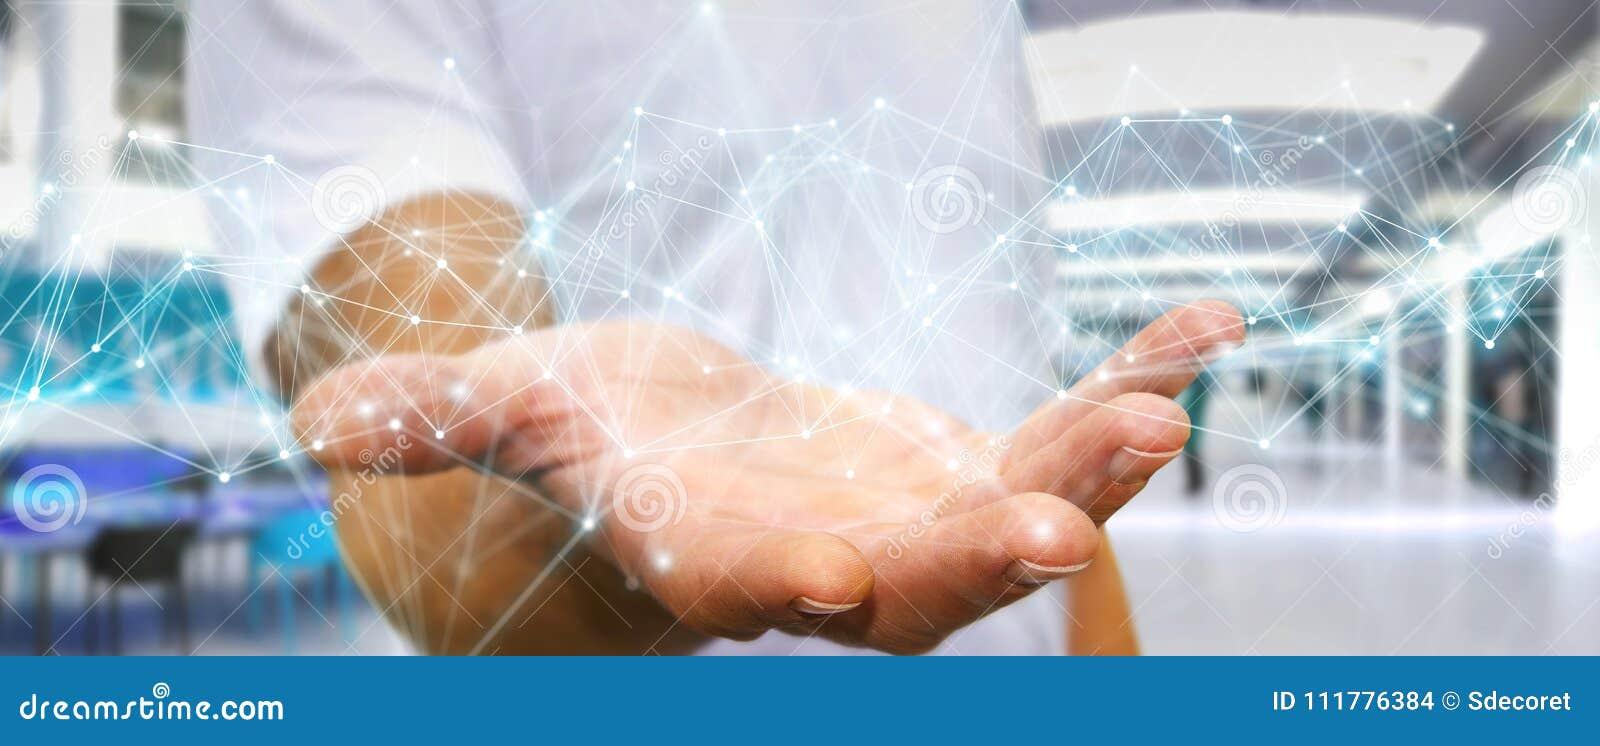 Biznesmen używa latającego sieć związku 3D rendering